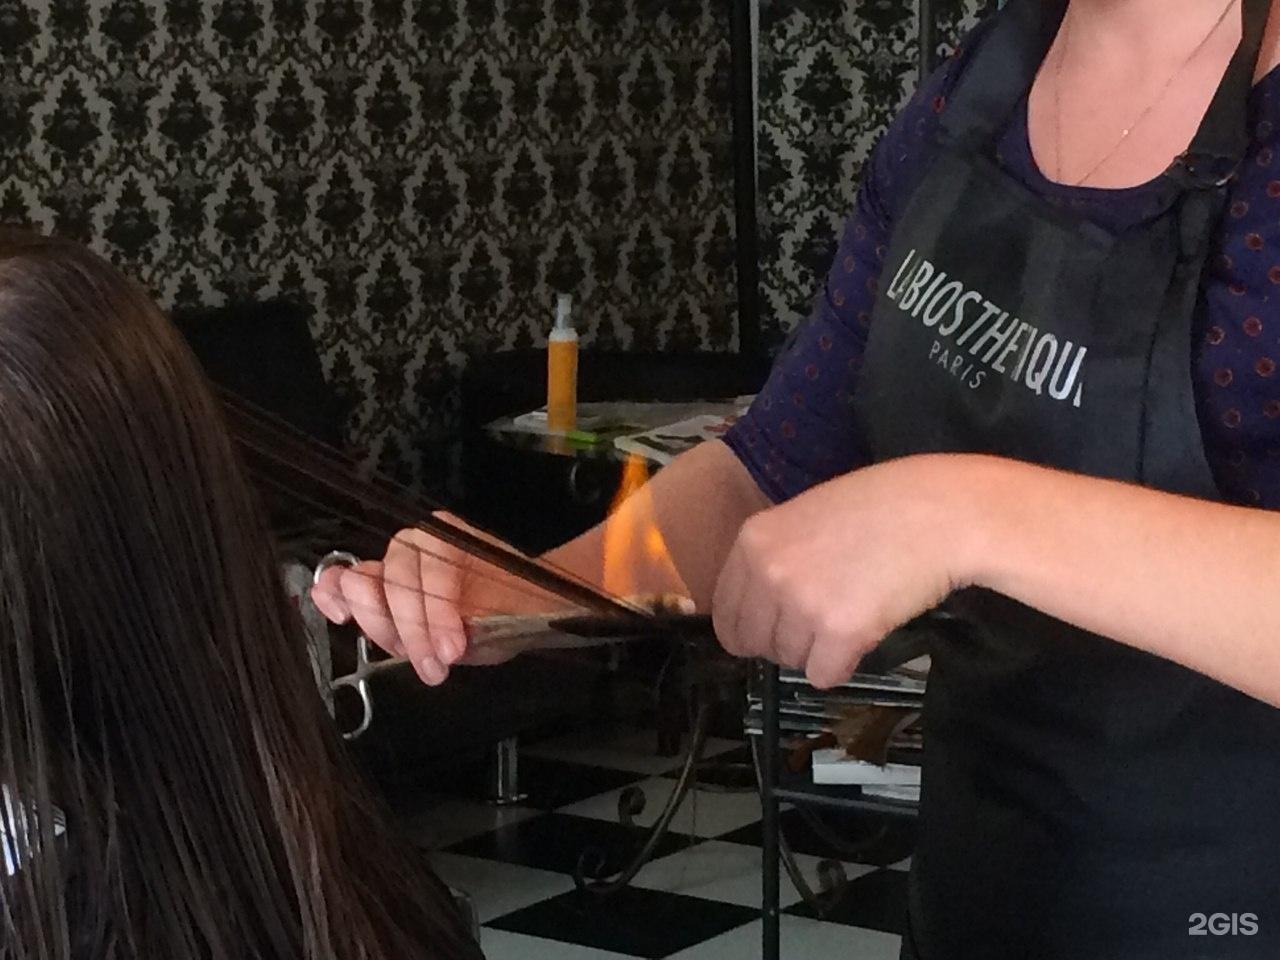 Обжиг волос огнем в домашних условиях Обжиг волос по купонам: скидки на обжиг волос 60-70